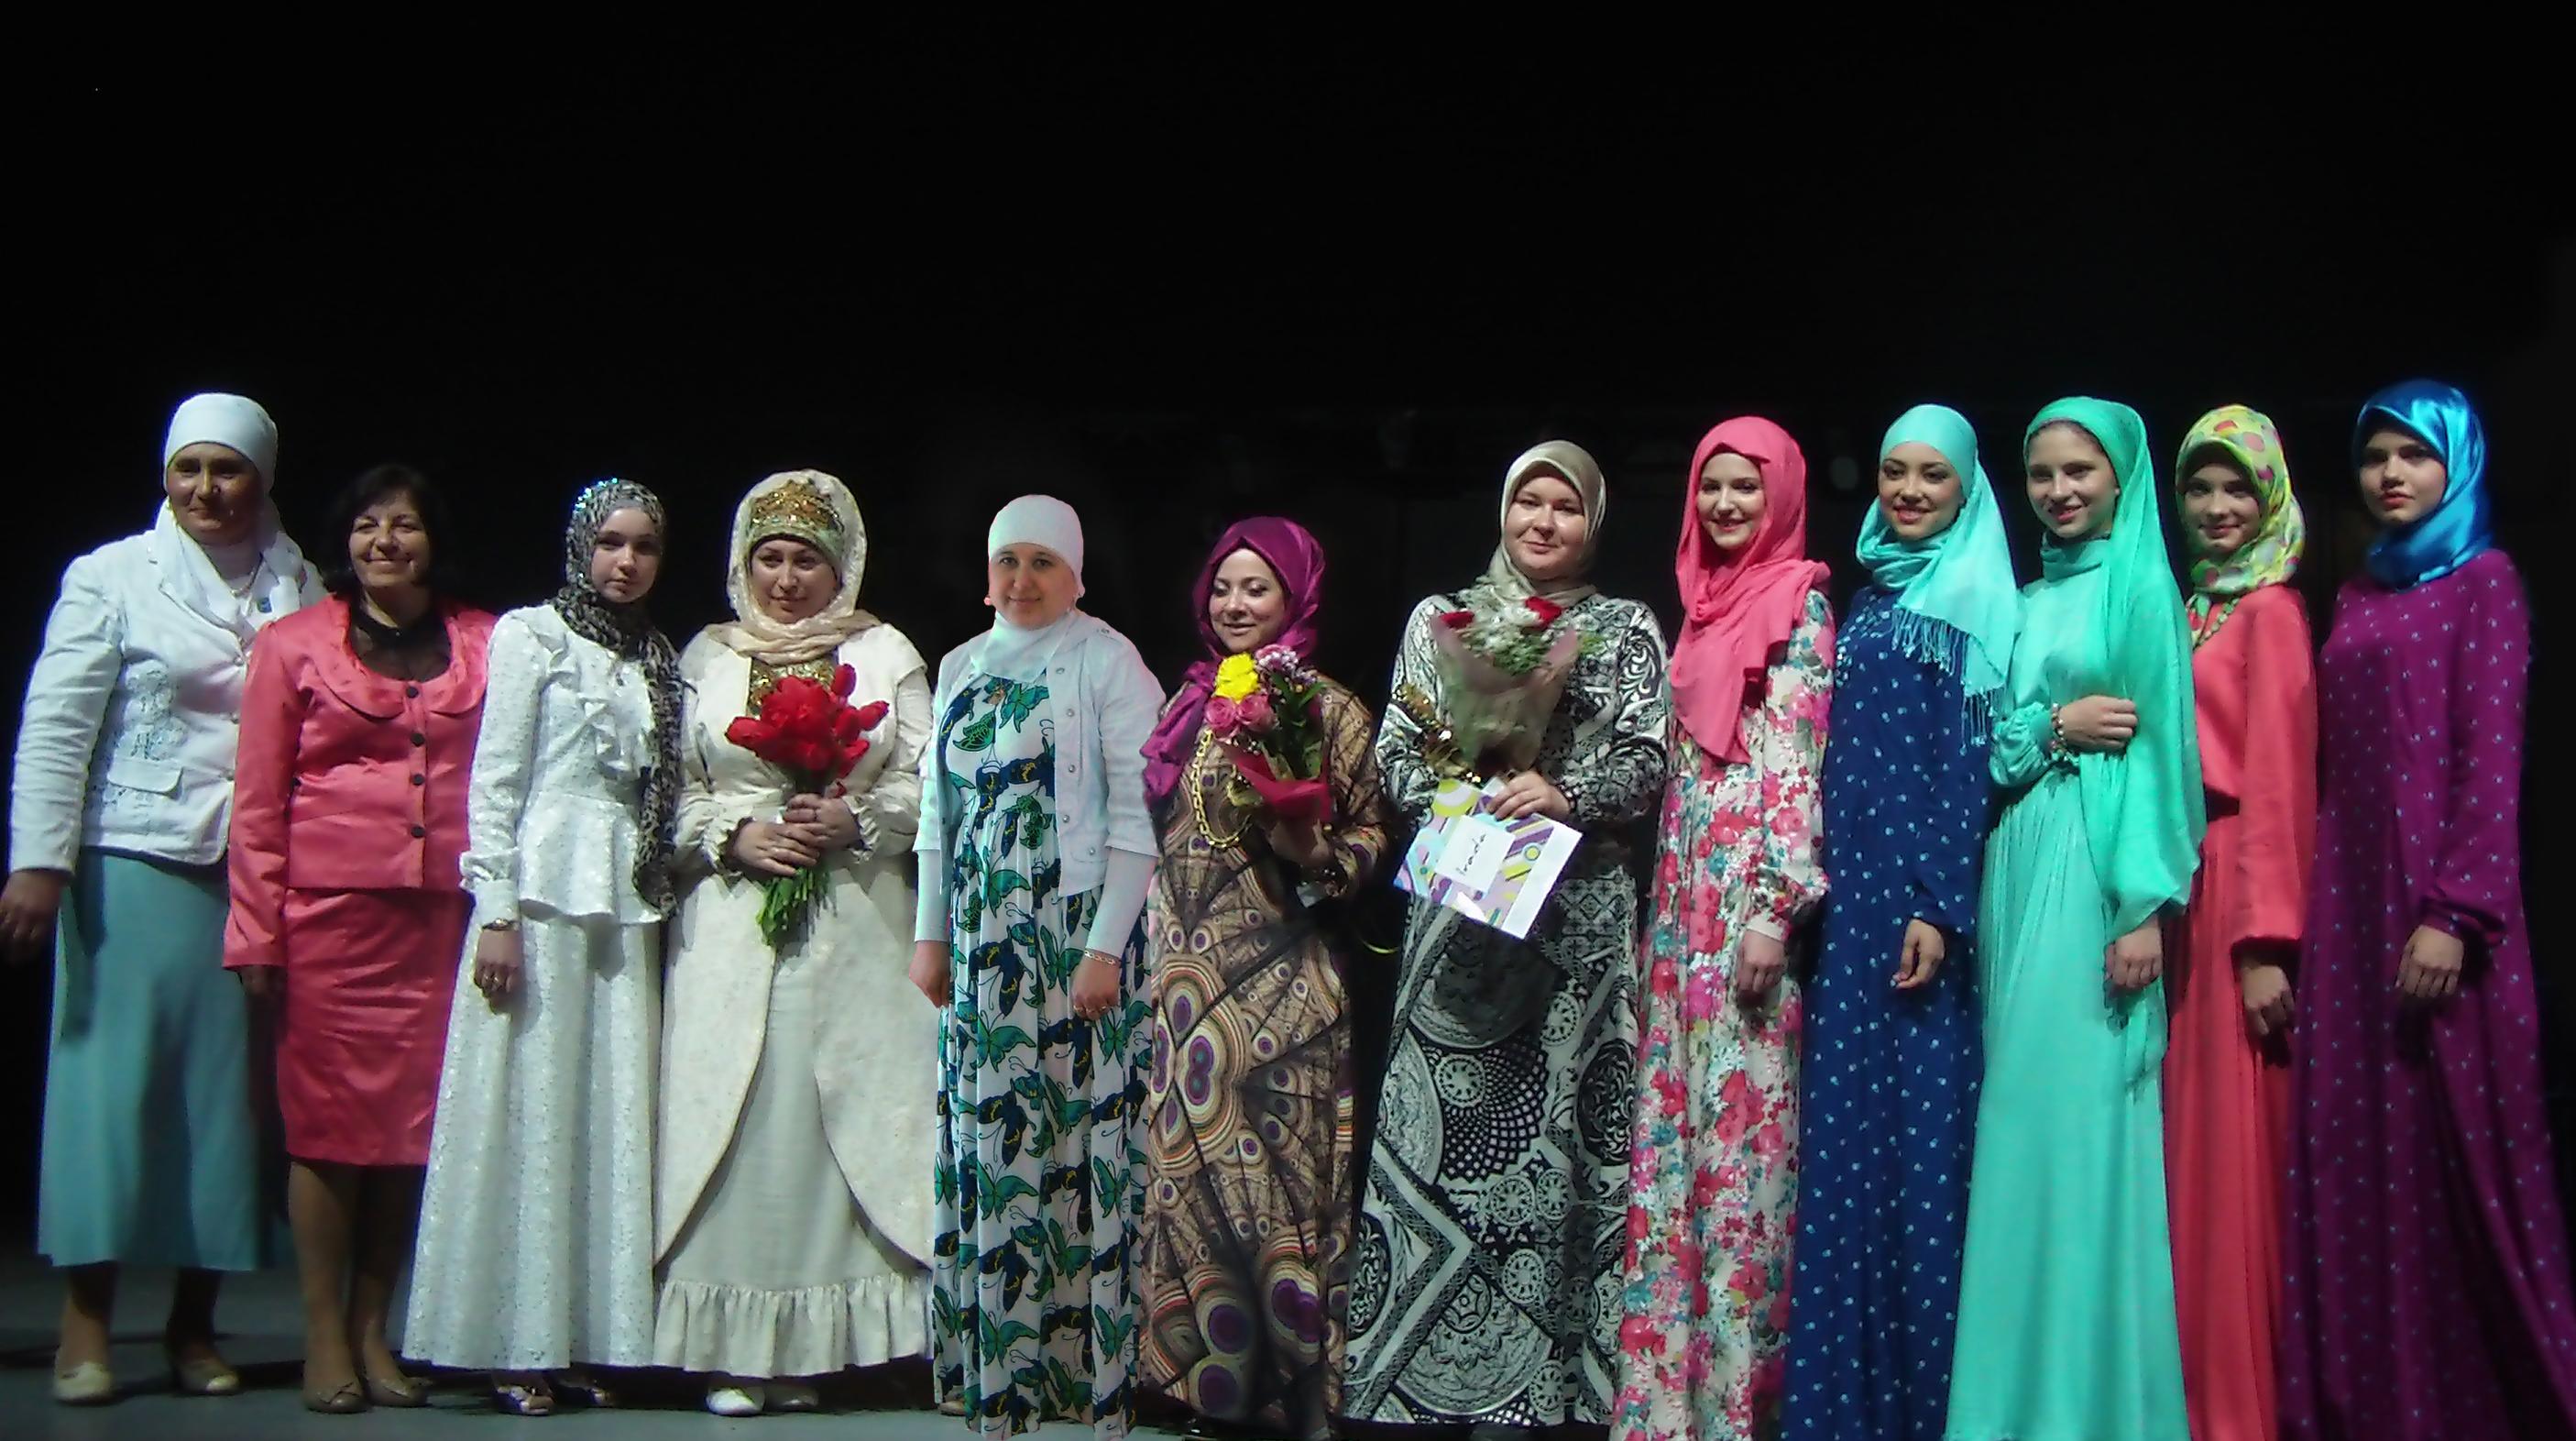 Мусульманский праздник Когда ФИПИ – официальный сайт 2017. Демоверсии, изменения ЕГЭ и ГИА